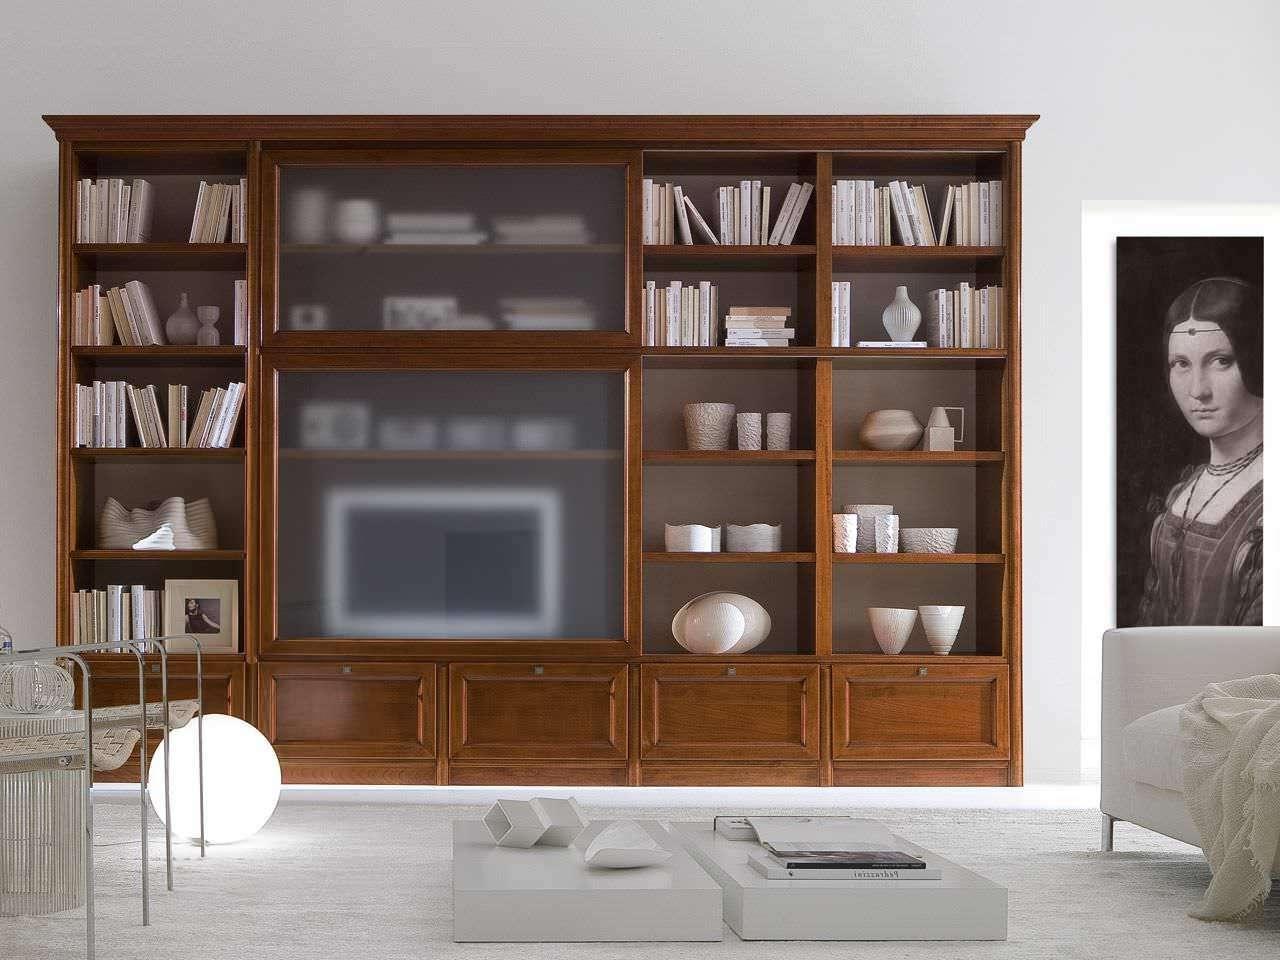 Traditional Tv Cabinet / Wooden – Livingpierangelo Sciuto Inside Traditional Tv Cabinets (View 8 of 20)